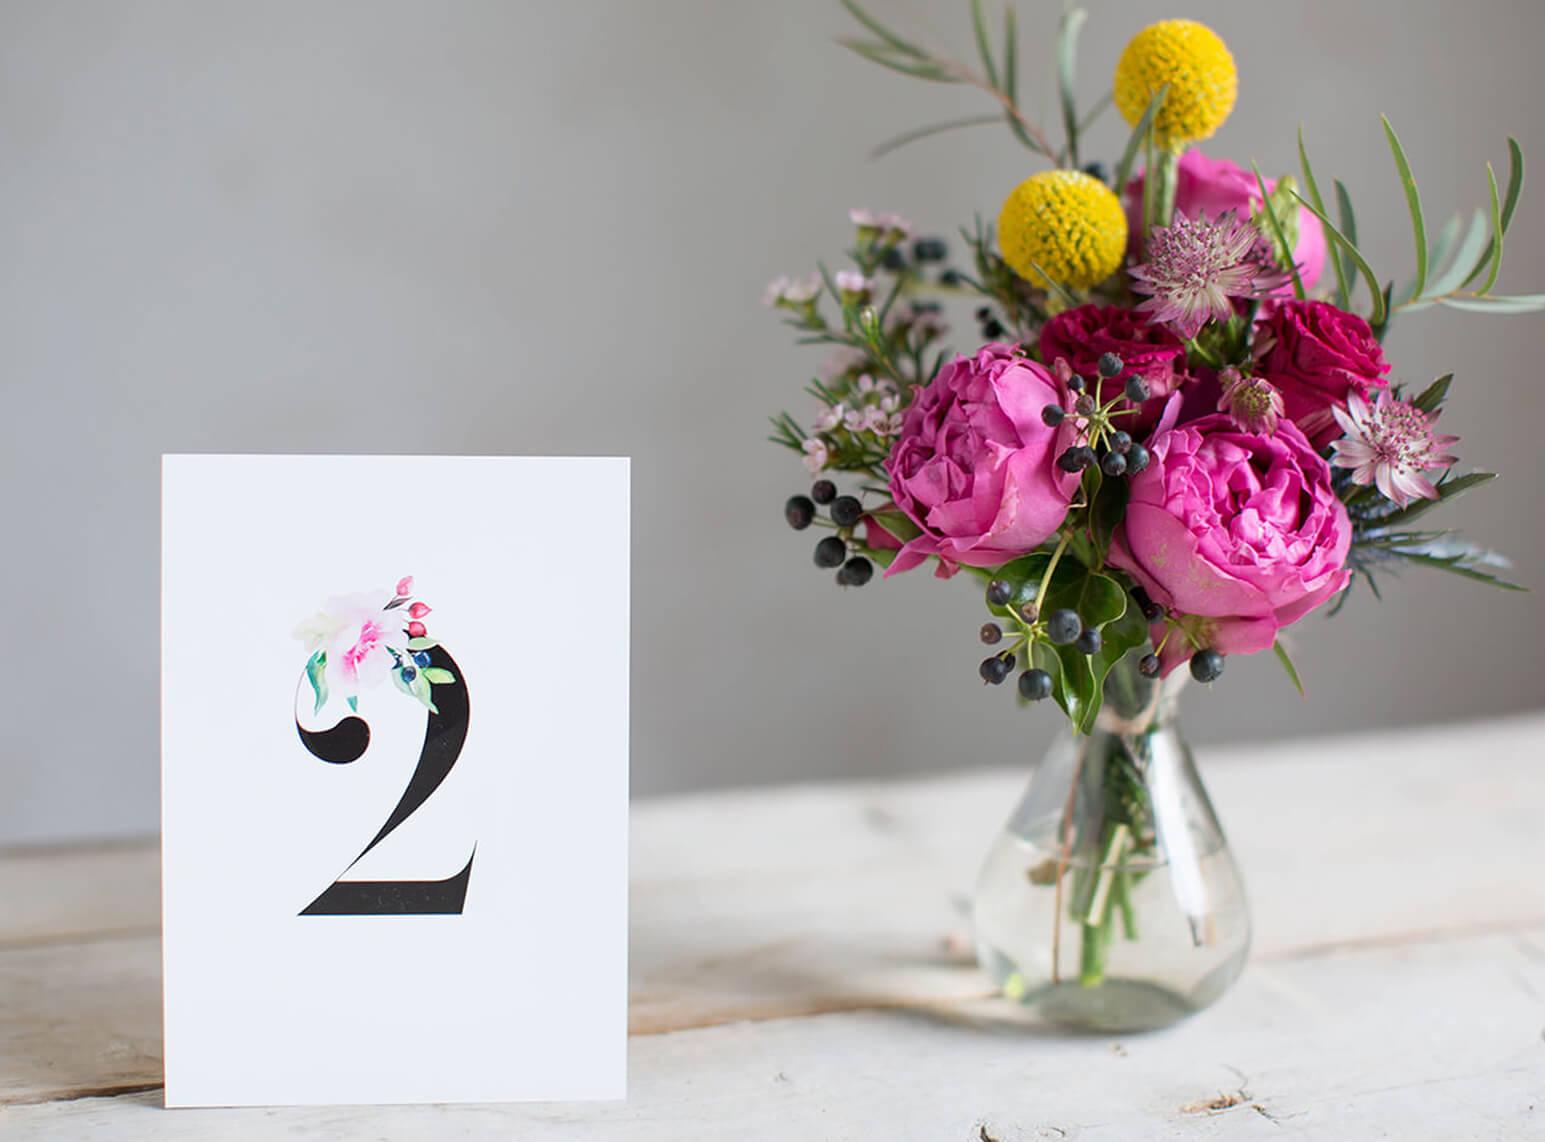 Tischnummern Hochzeit im Aquarell Stil